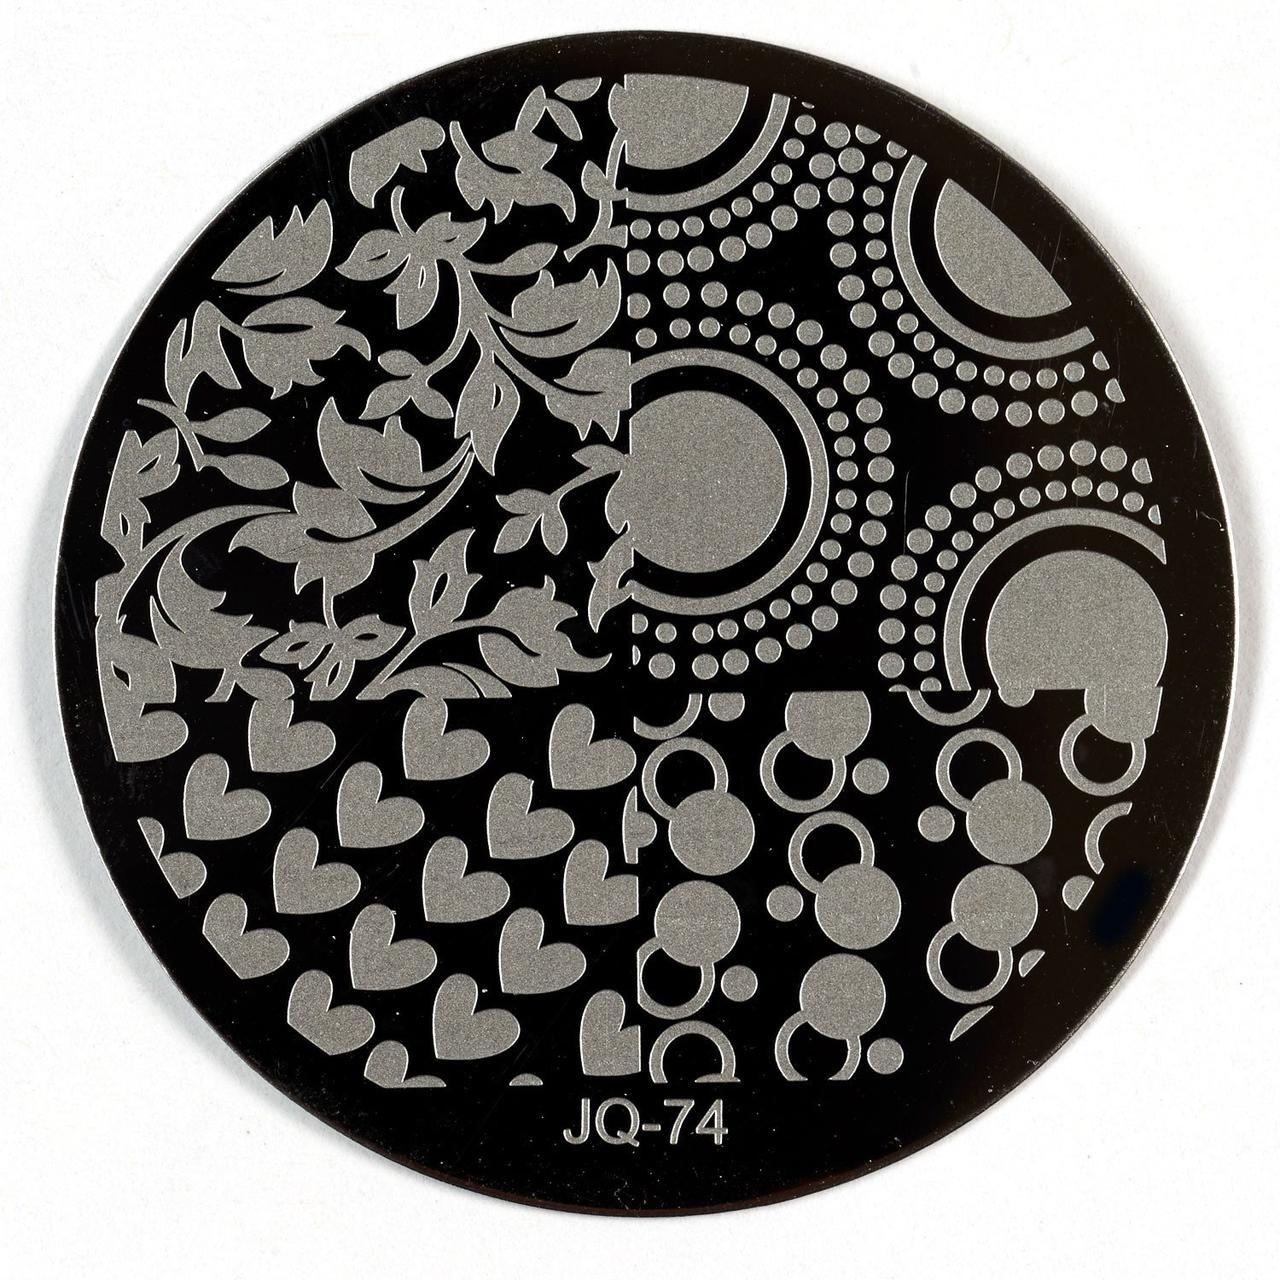 Диск для стемпинга, JQ-74